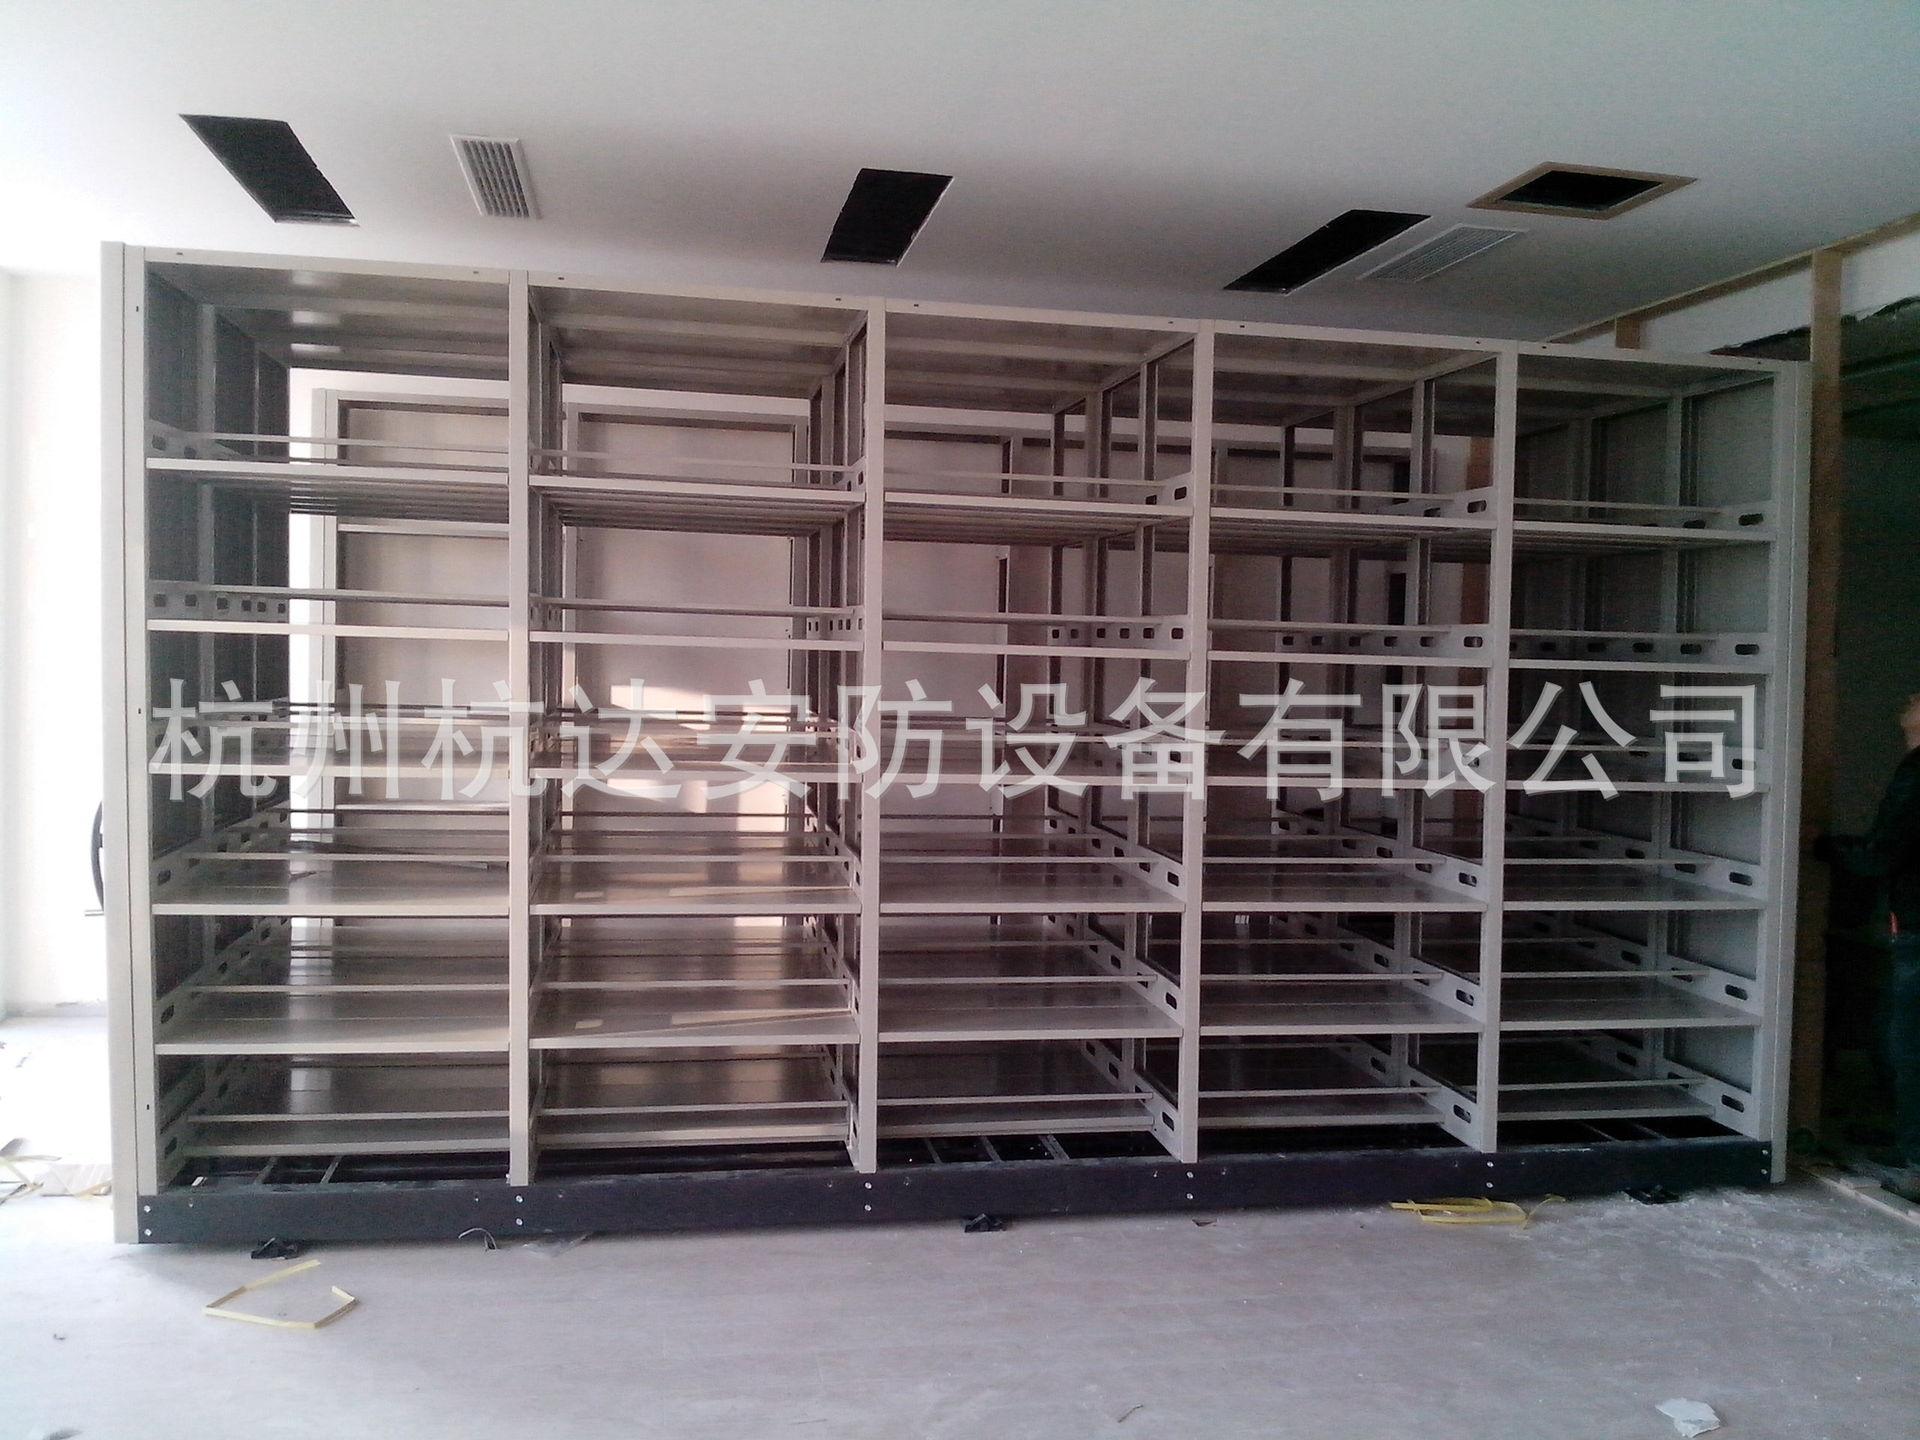 手动移动密集架钢质文件柜?#25918;?#25991;件柜钢质办公家具杭州密集柜厂家